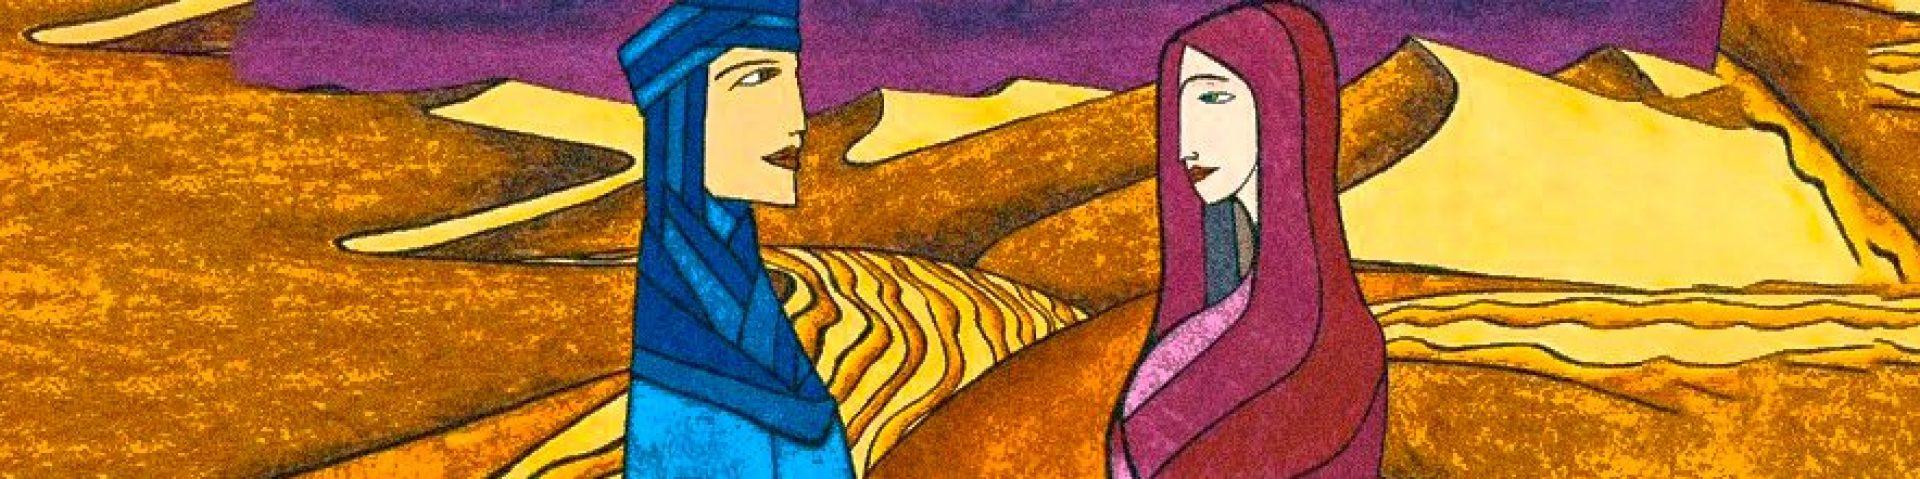 El Feminismo de la Reconciliación